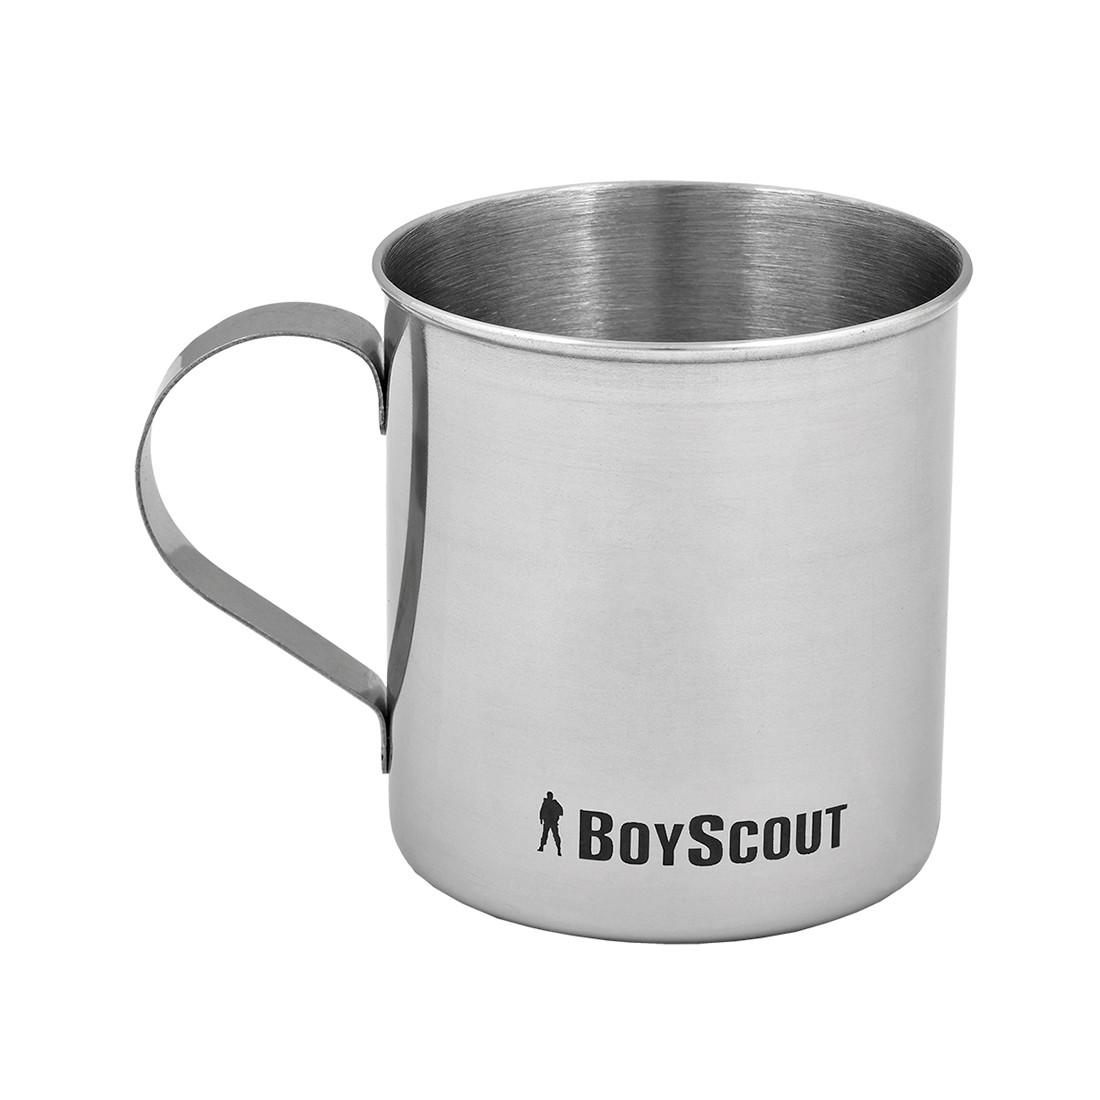 Кружка туристическая BOYSCOUT 61153 (Нержавеющая сталь, 300 мл)